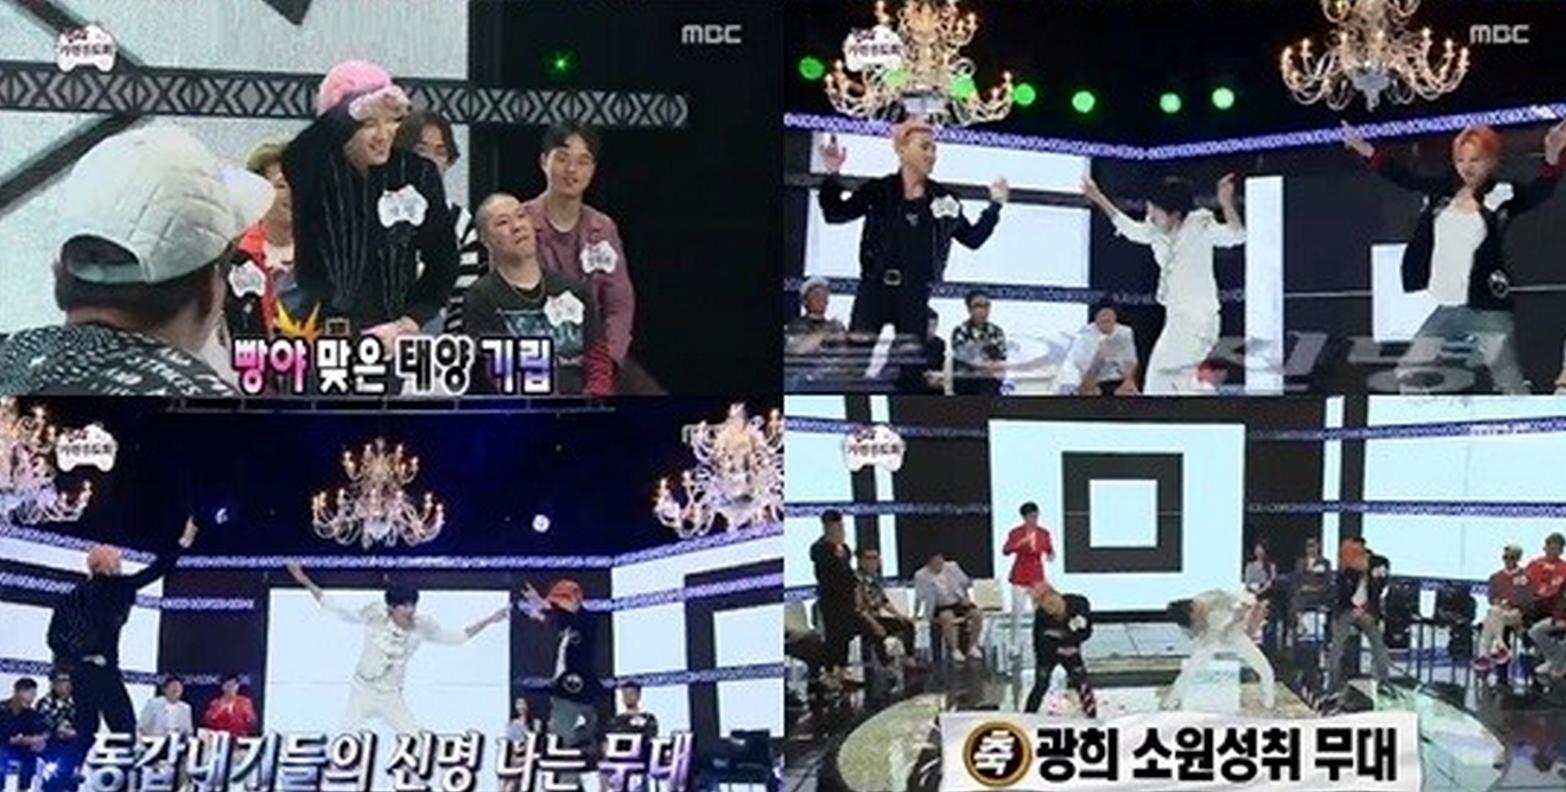 kwanghee bigbang infinity challenge